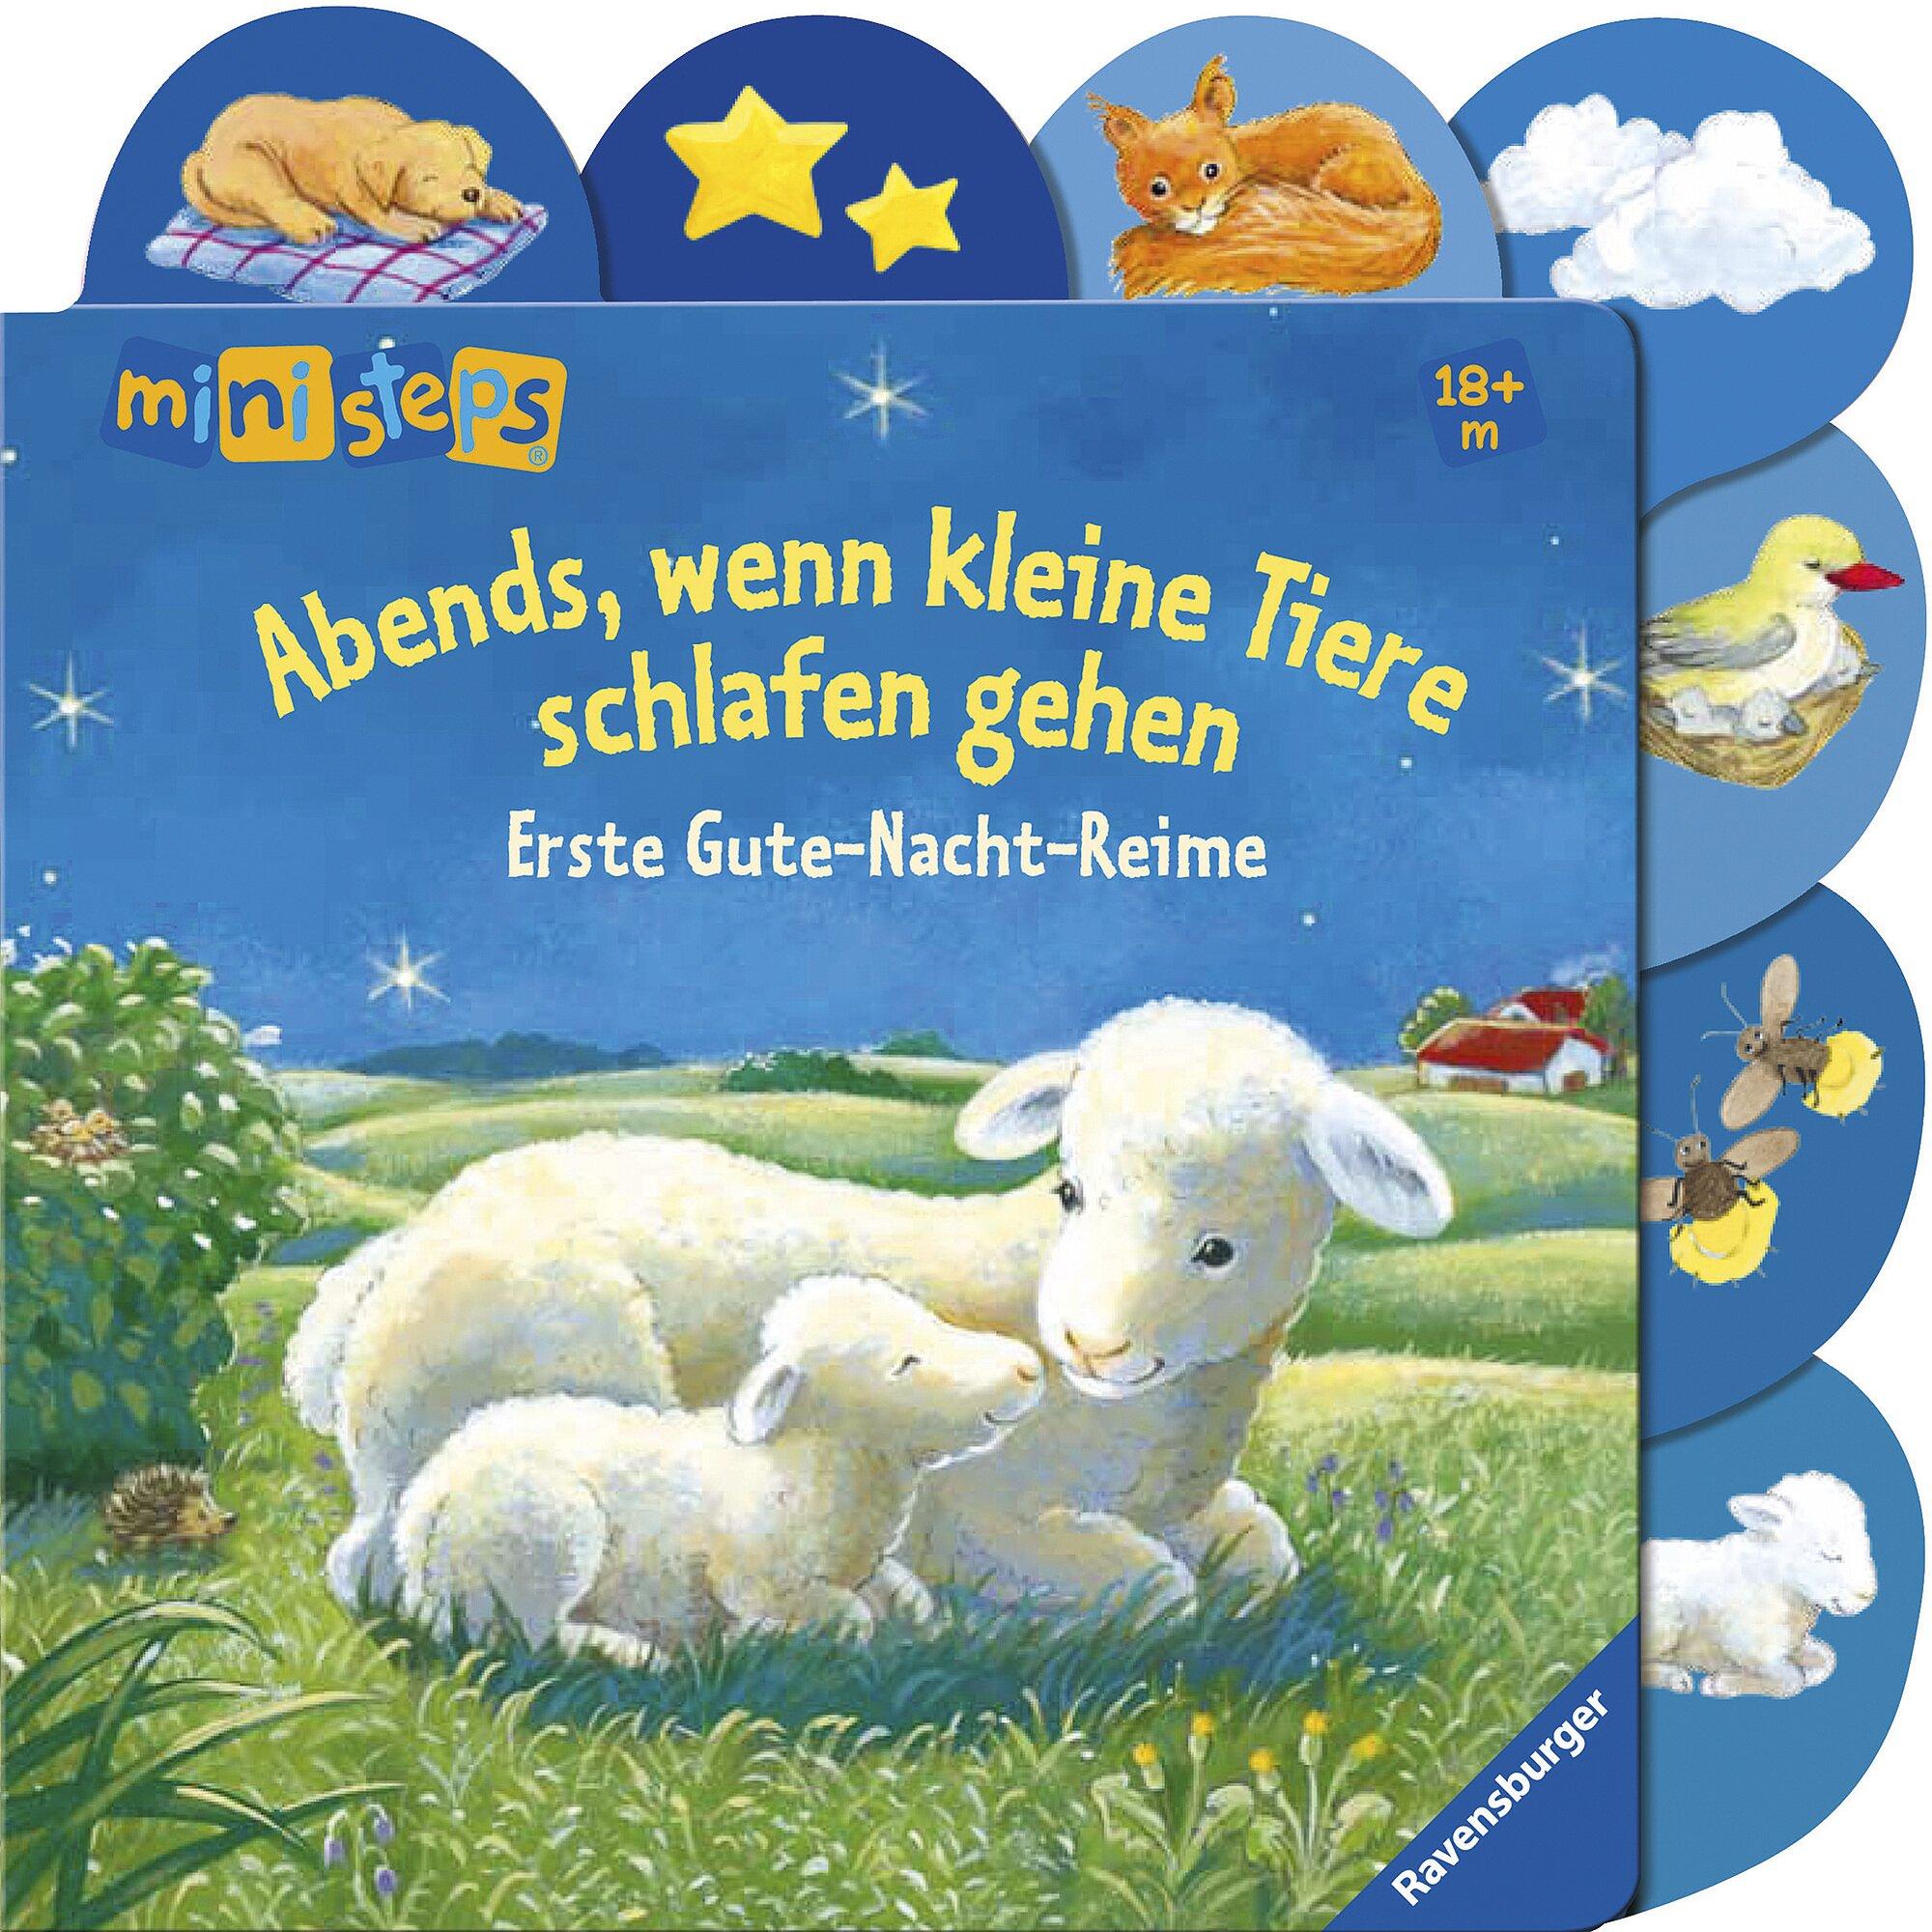 Ministeps Pappbilderbuch-Abends, wenn kleine Tiere schlafen gehen